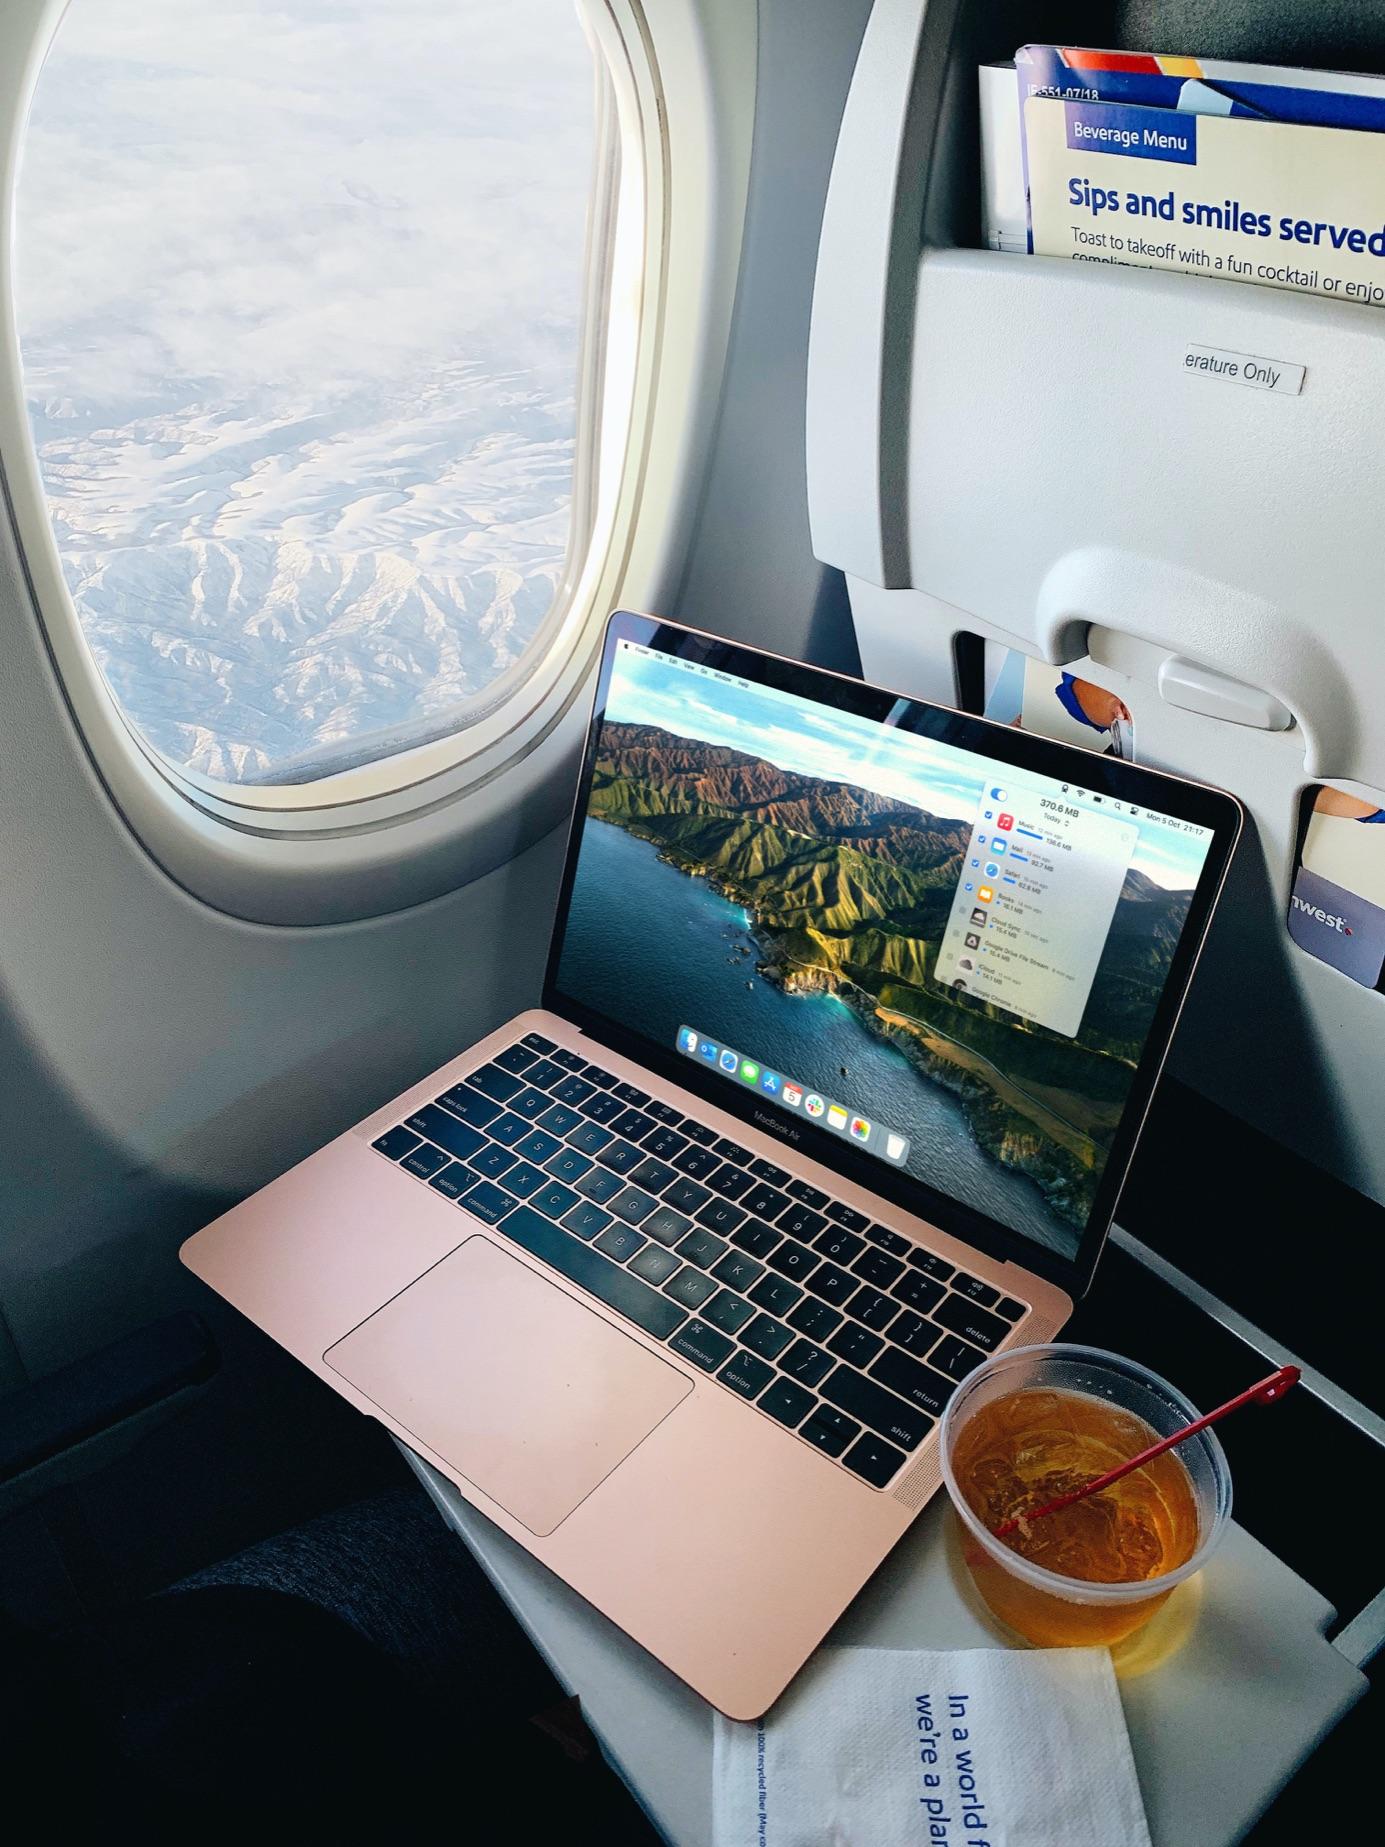 Using TripMode on during flights